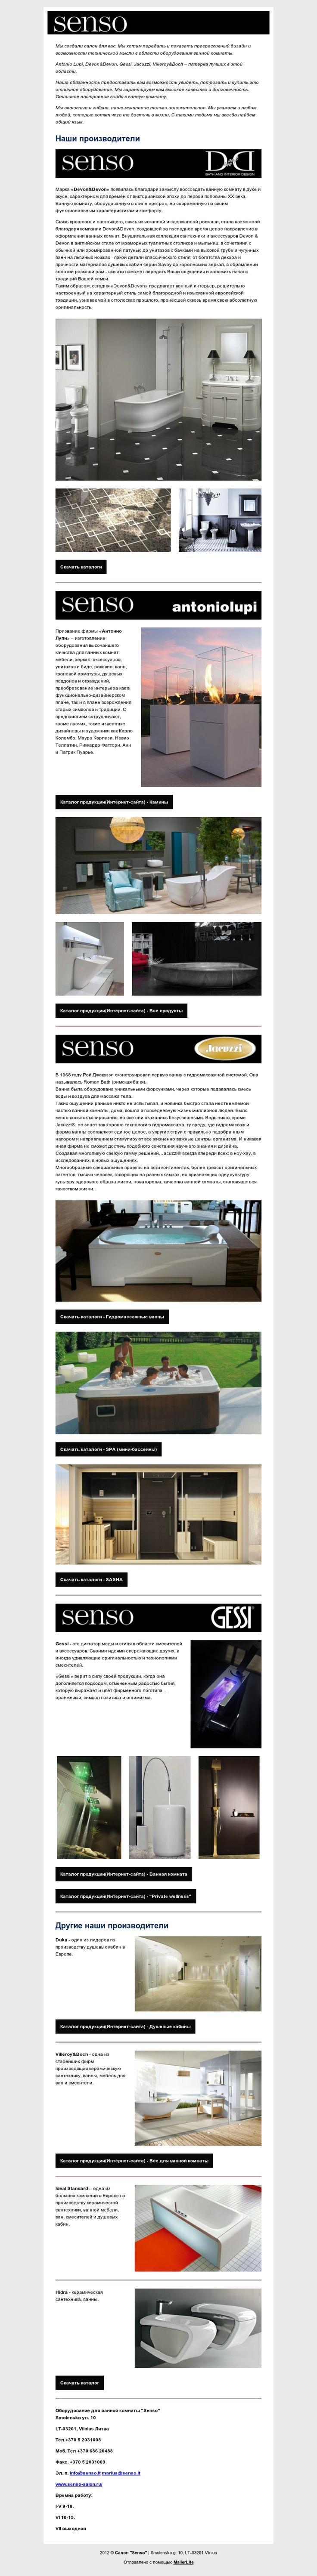 Senso newsletter